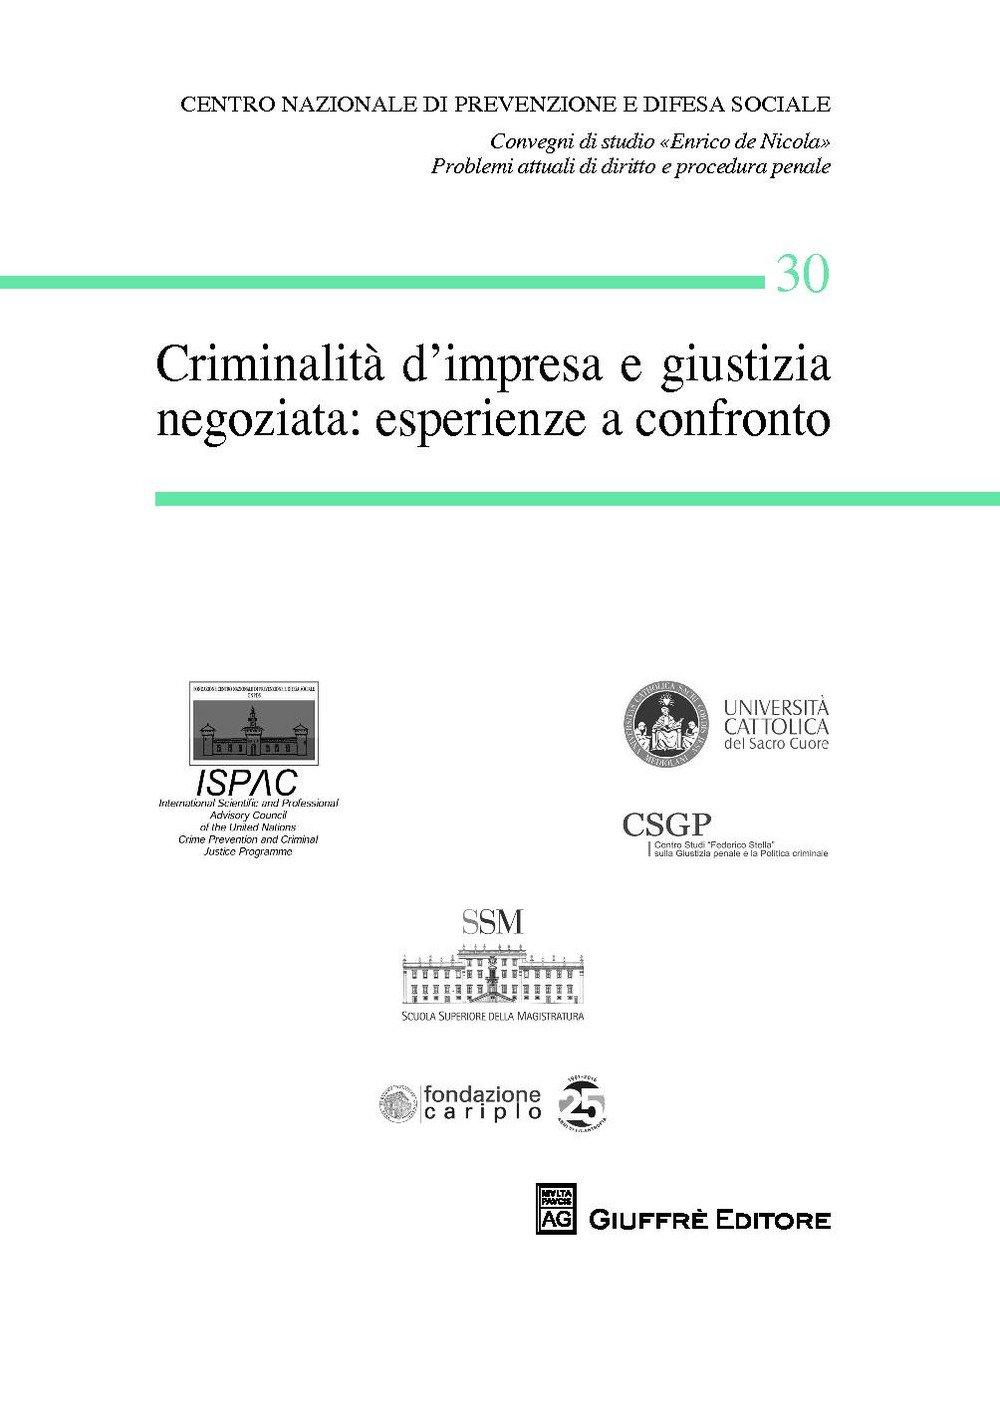 Criminalità d'impresa e giustizia negoziata: esperienze a confronto